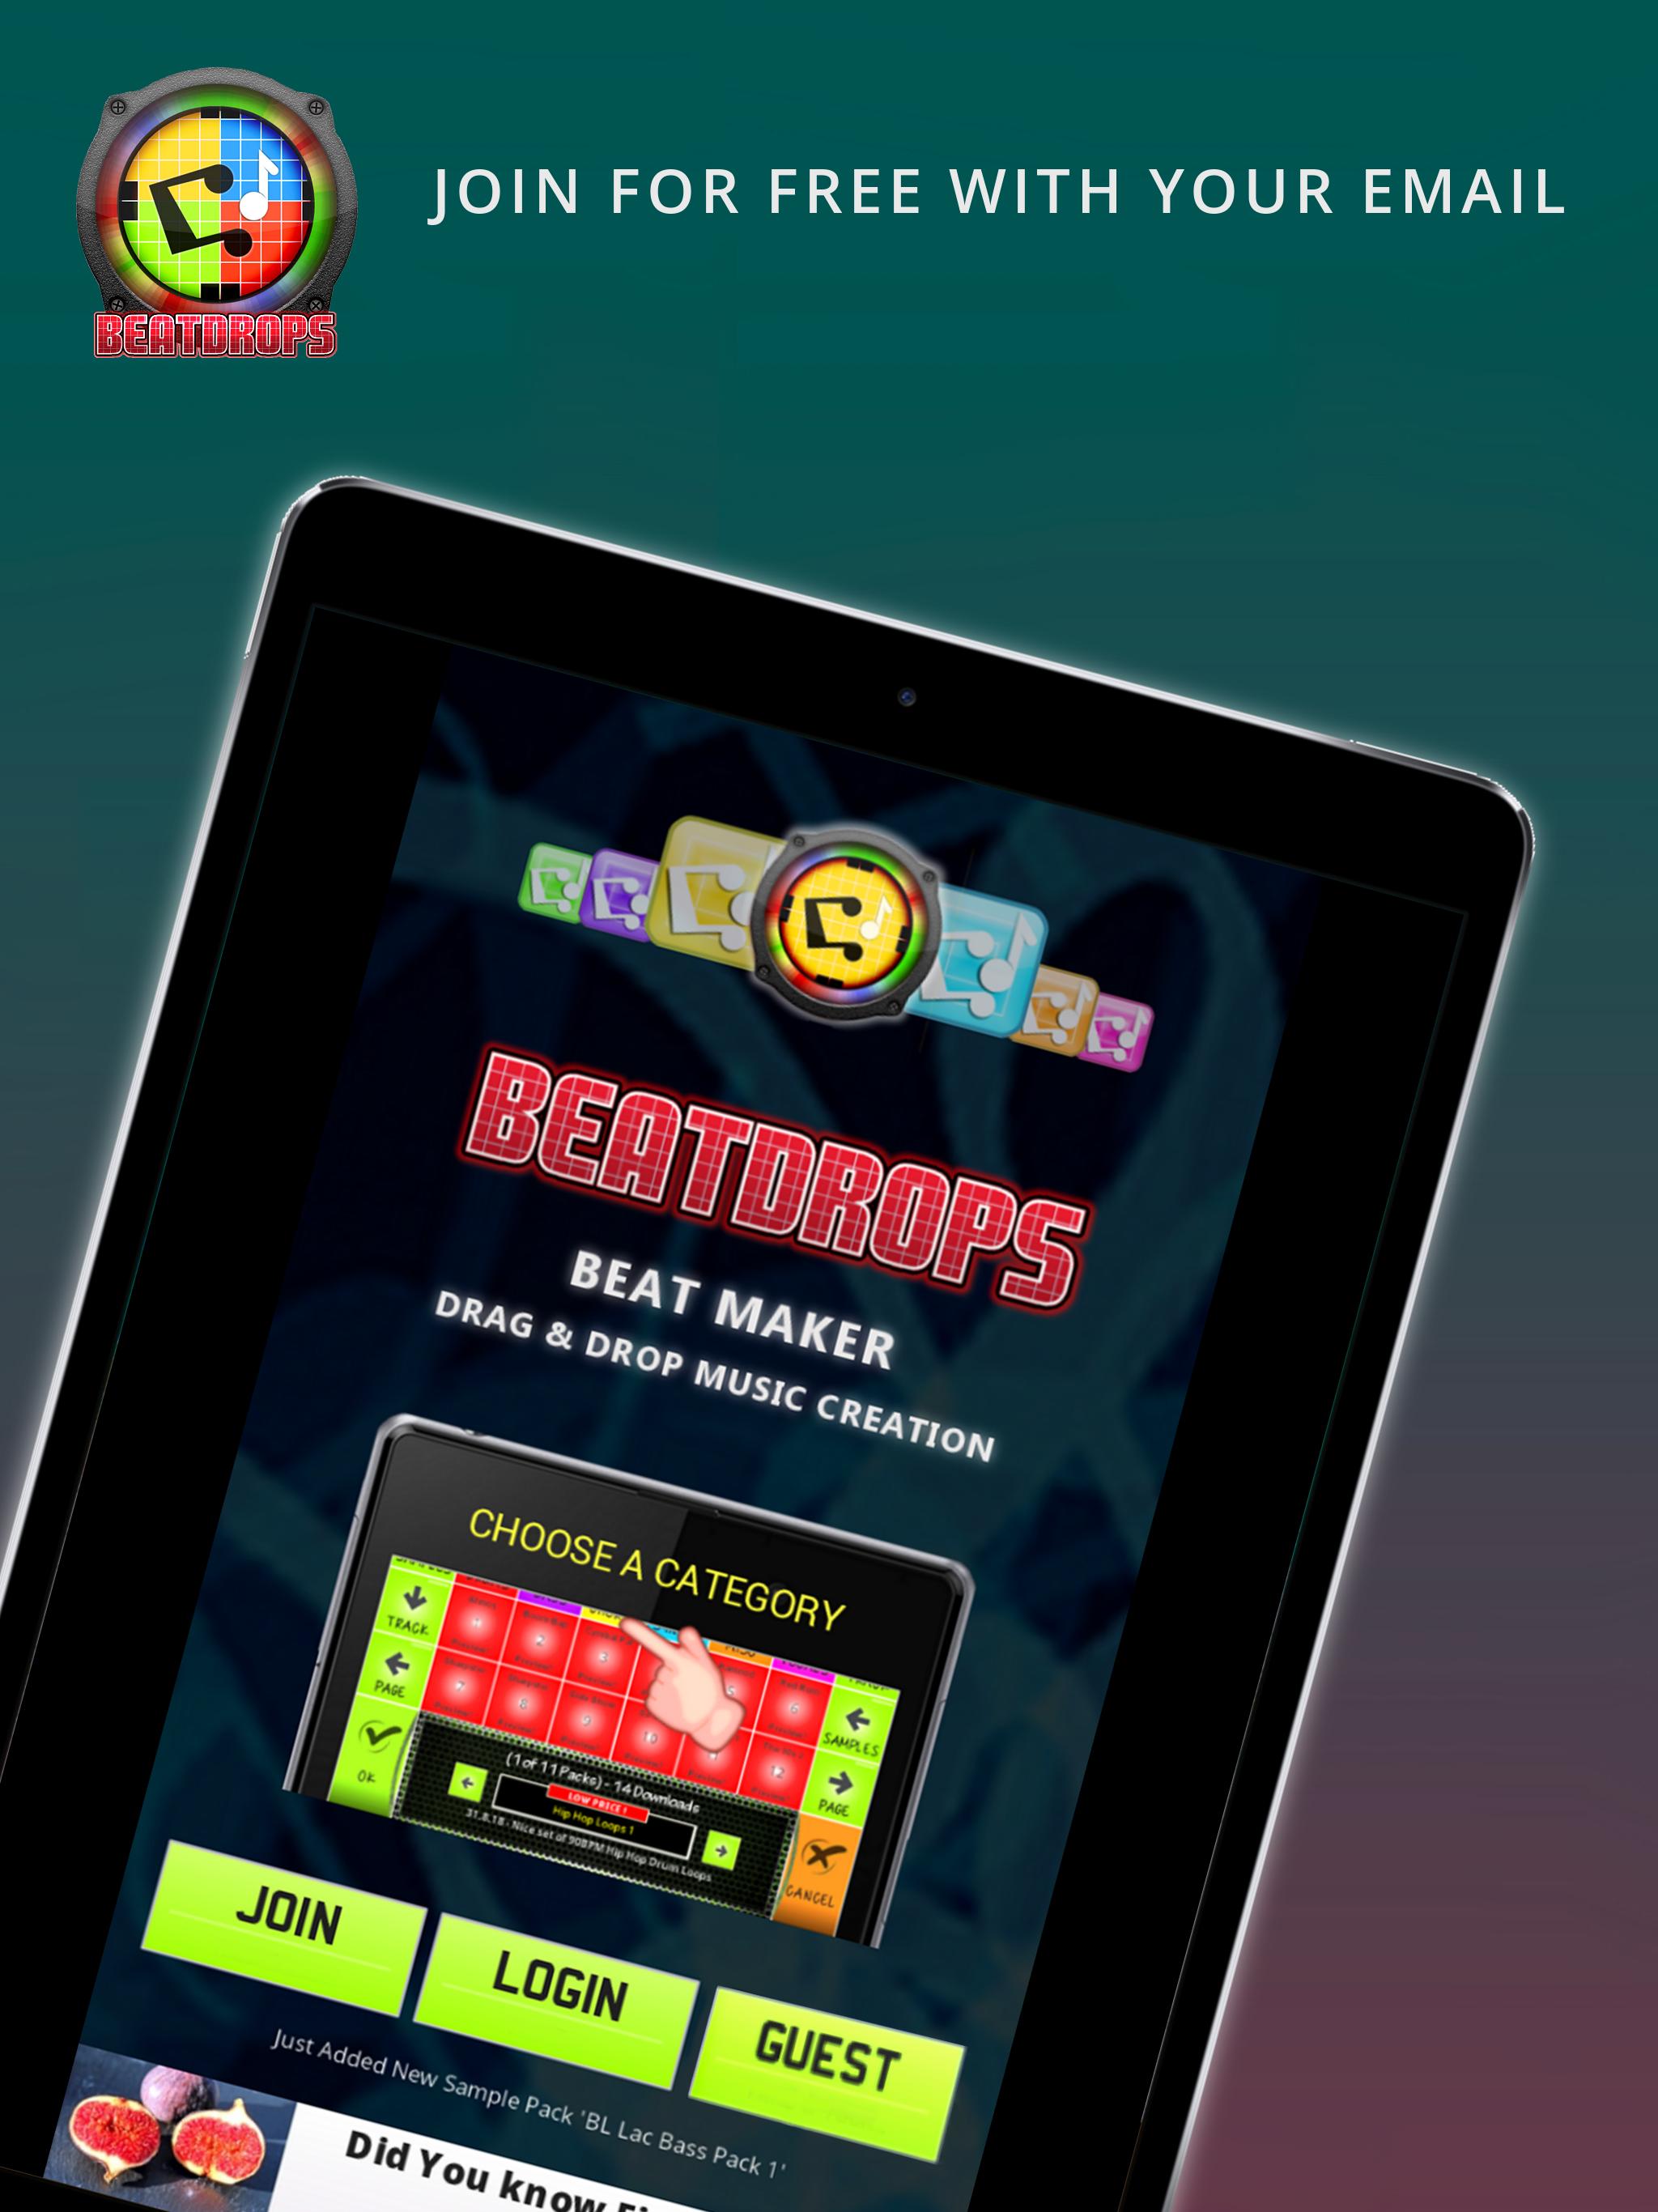 BeatDrops Beat Maker